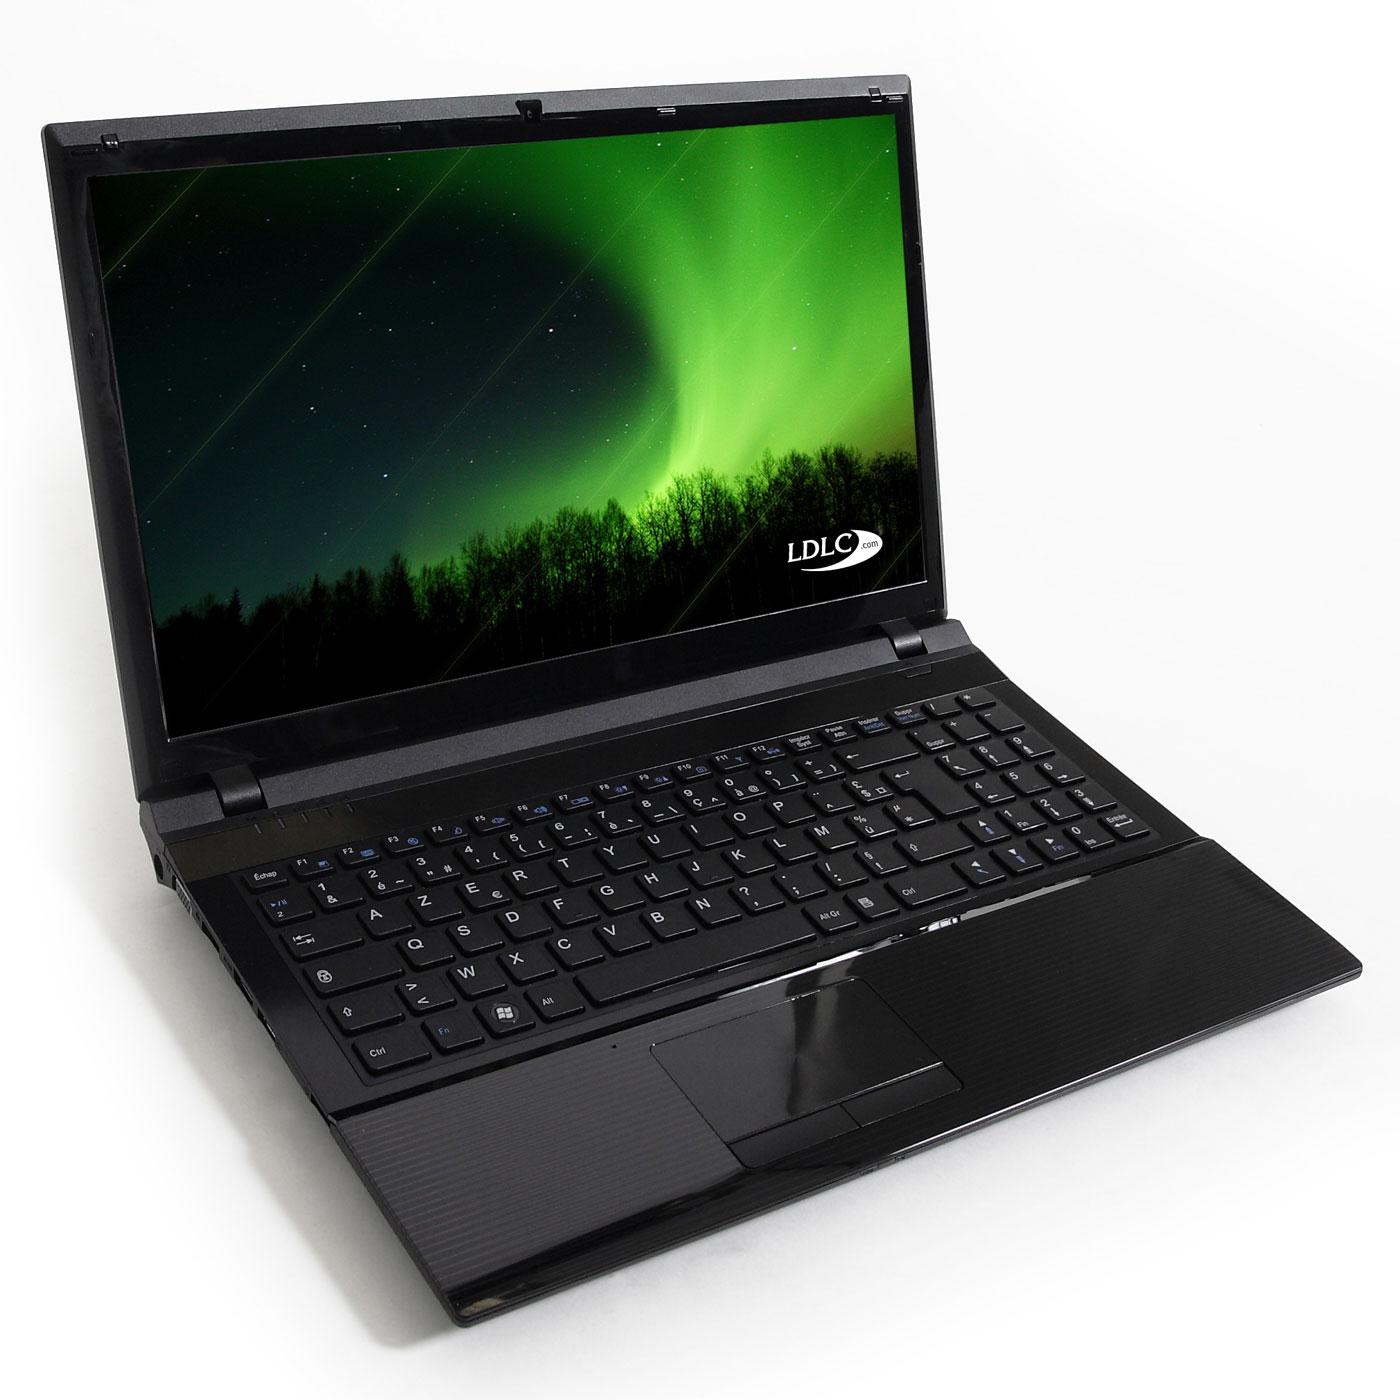 """PC portable LDLC Aurore BB1-B8-2-H2 Intel Celeron B800 2 Go 250 Go 15.6"""" LCD Graveur DVD Wi-Fi N/Bluetooth Webcam (sans OS)"""